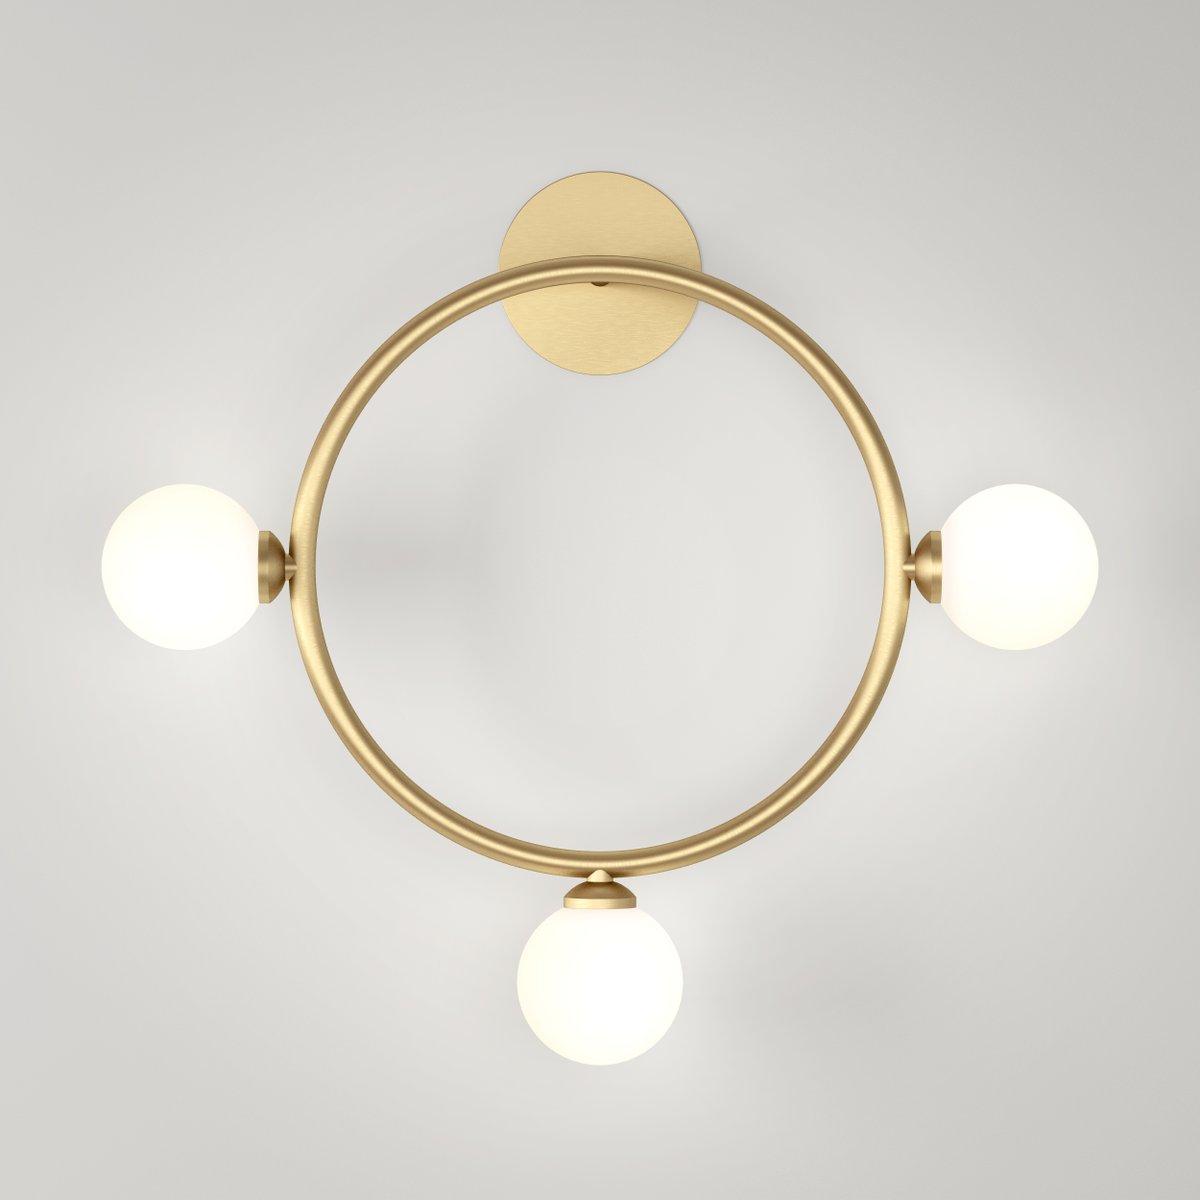 Circle Wandlampe mit 3 Glaskugeln von Atelier Areti